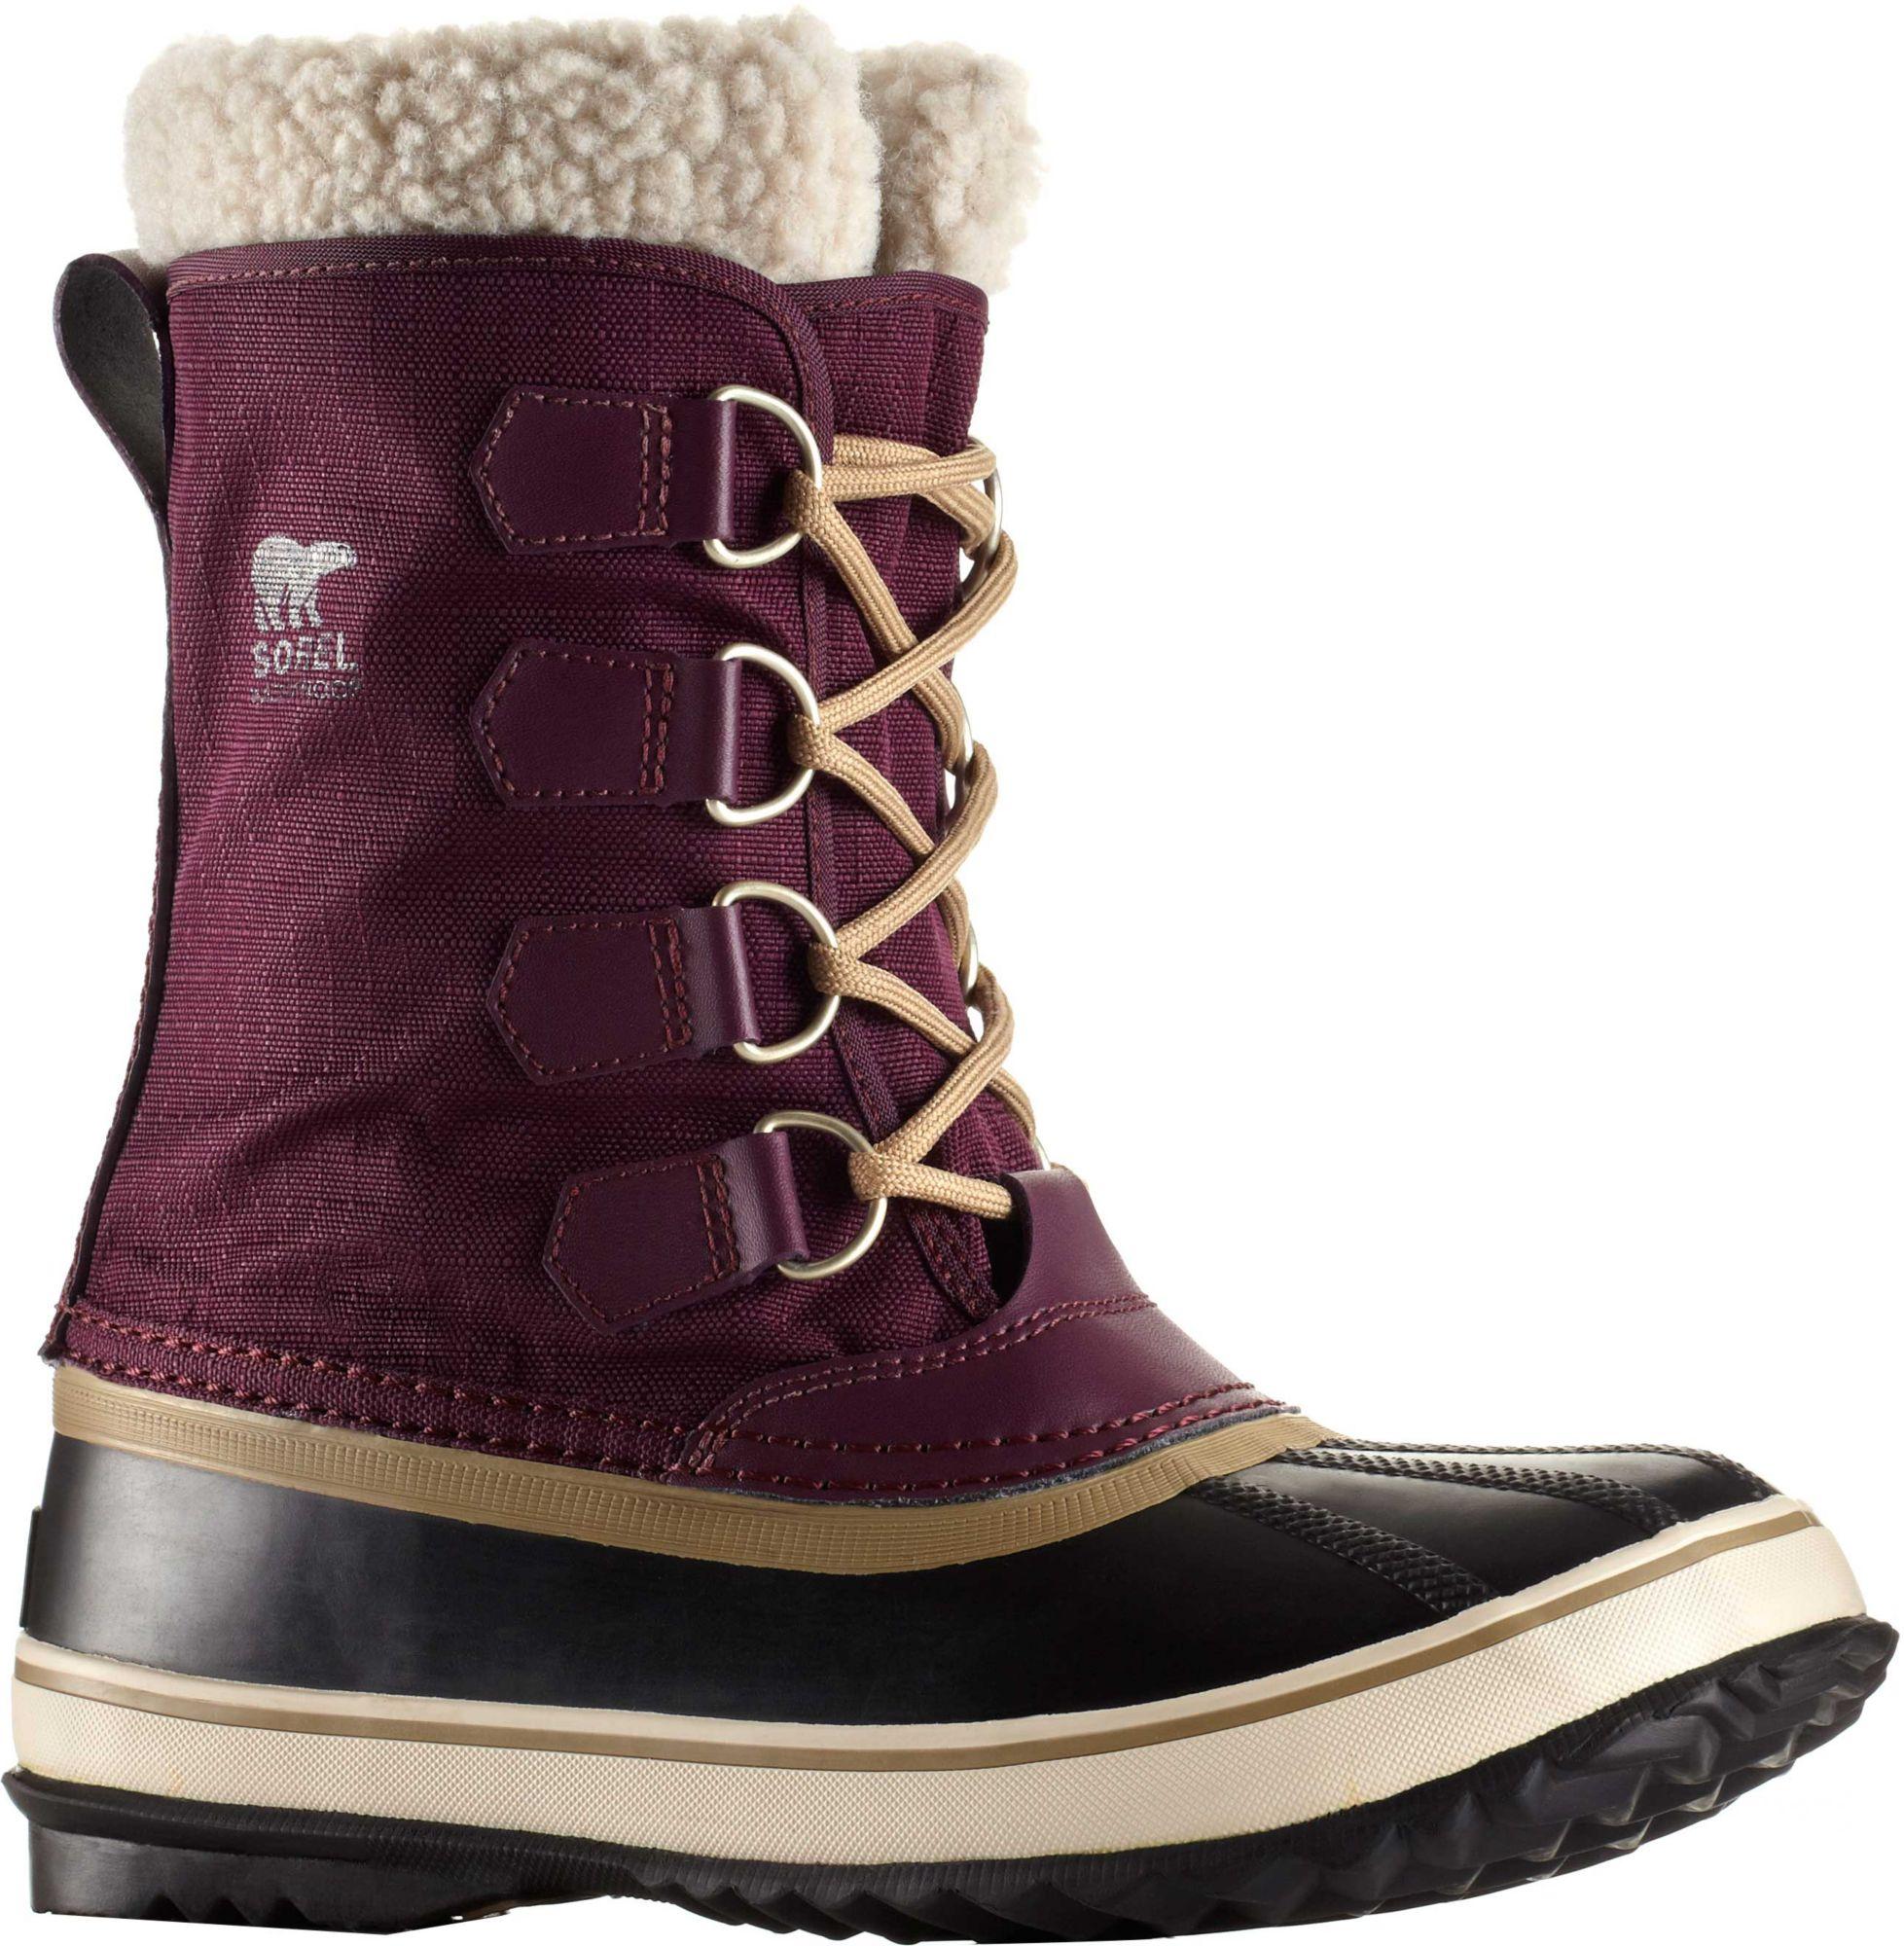 sorel womens boots sorel womenu0027s winter carnival waterproof winter boots YJKLBIO